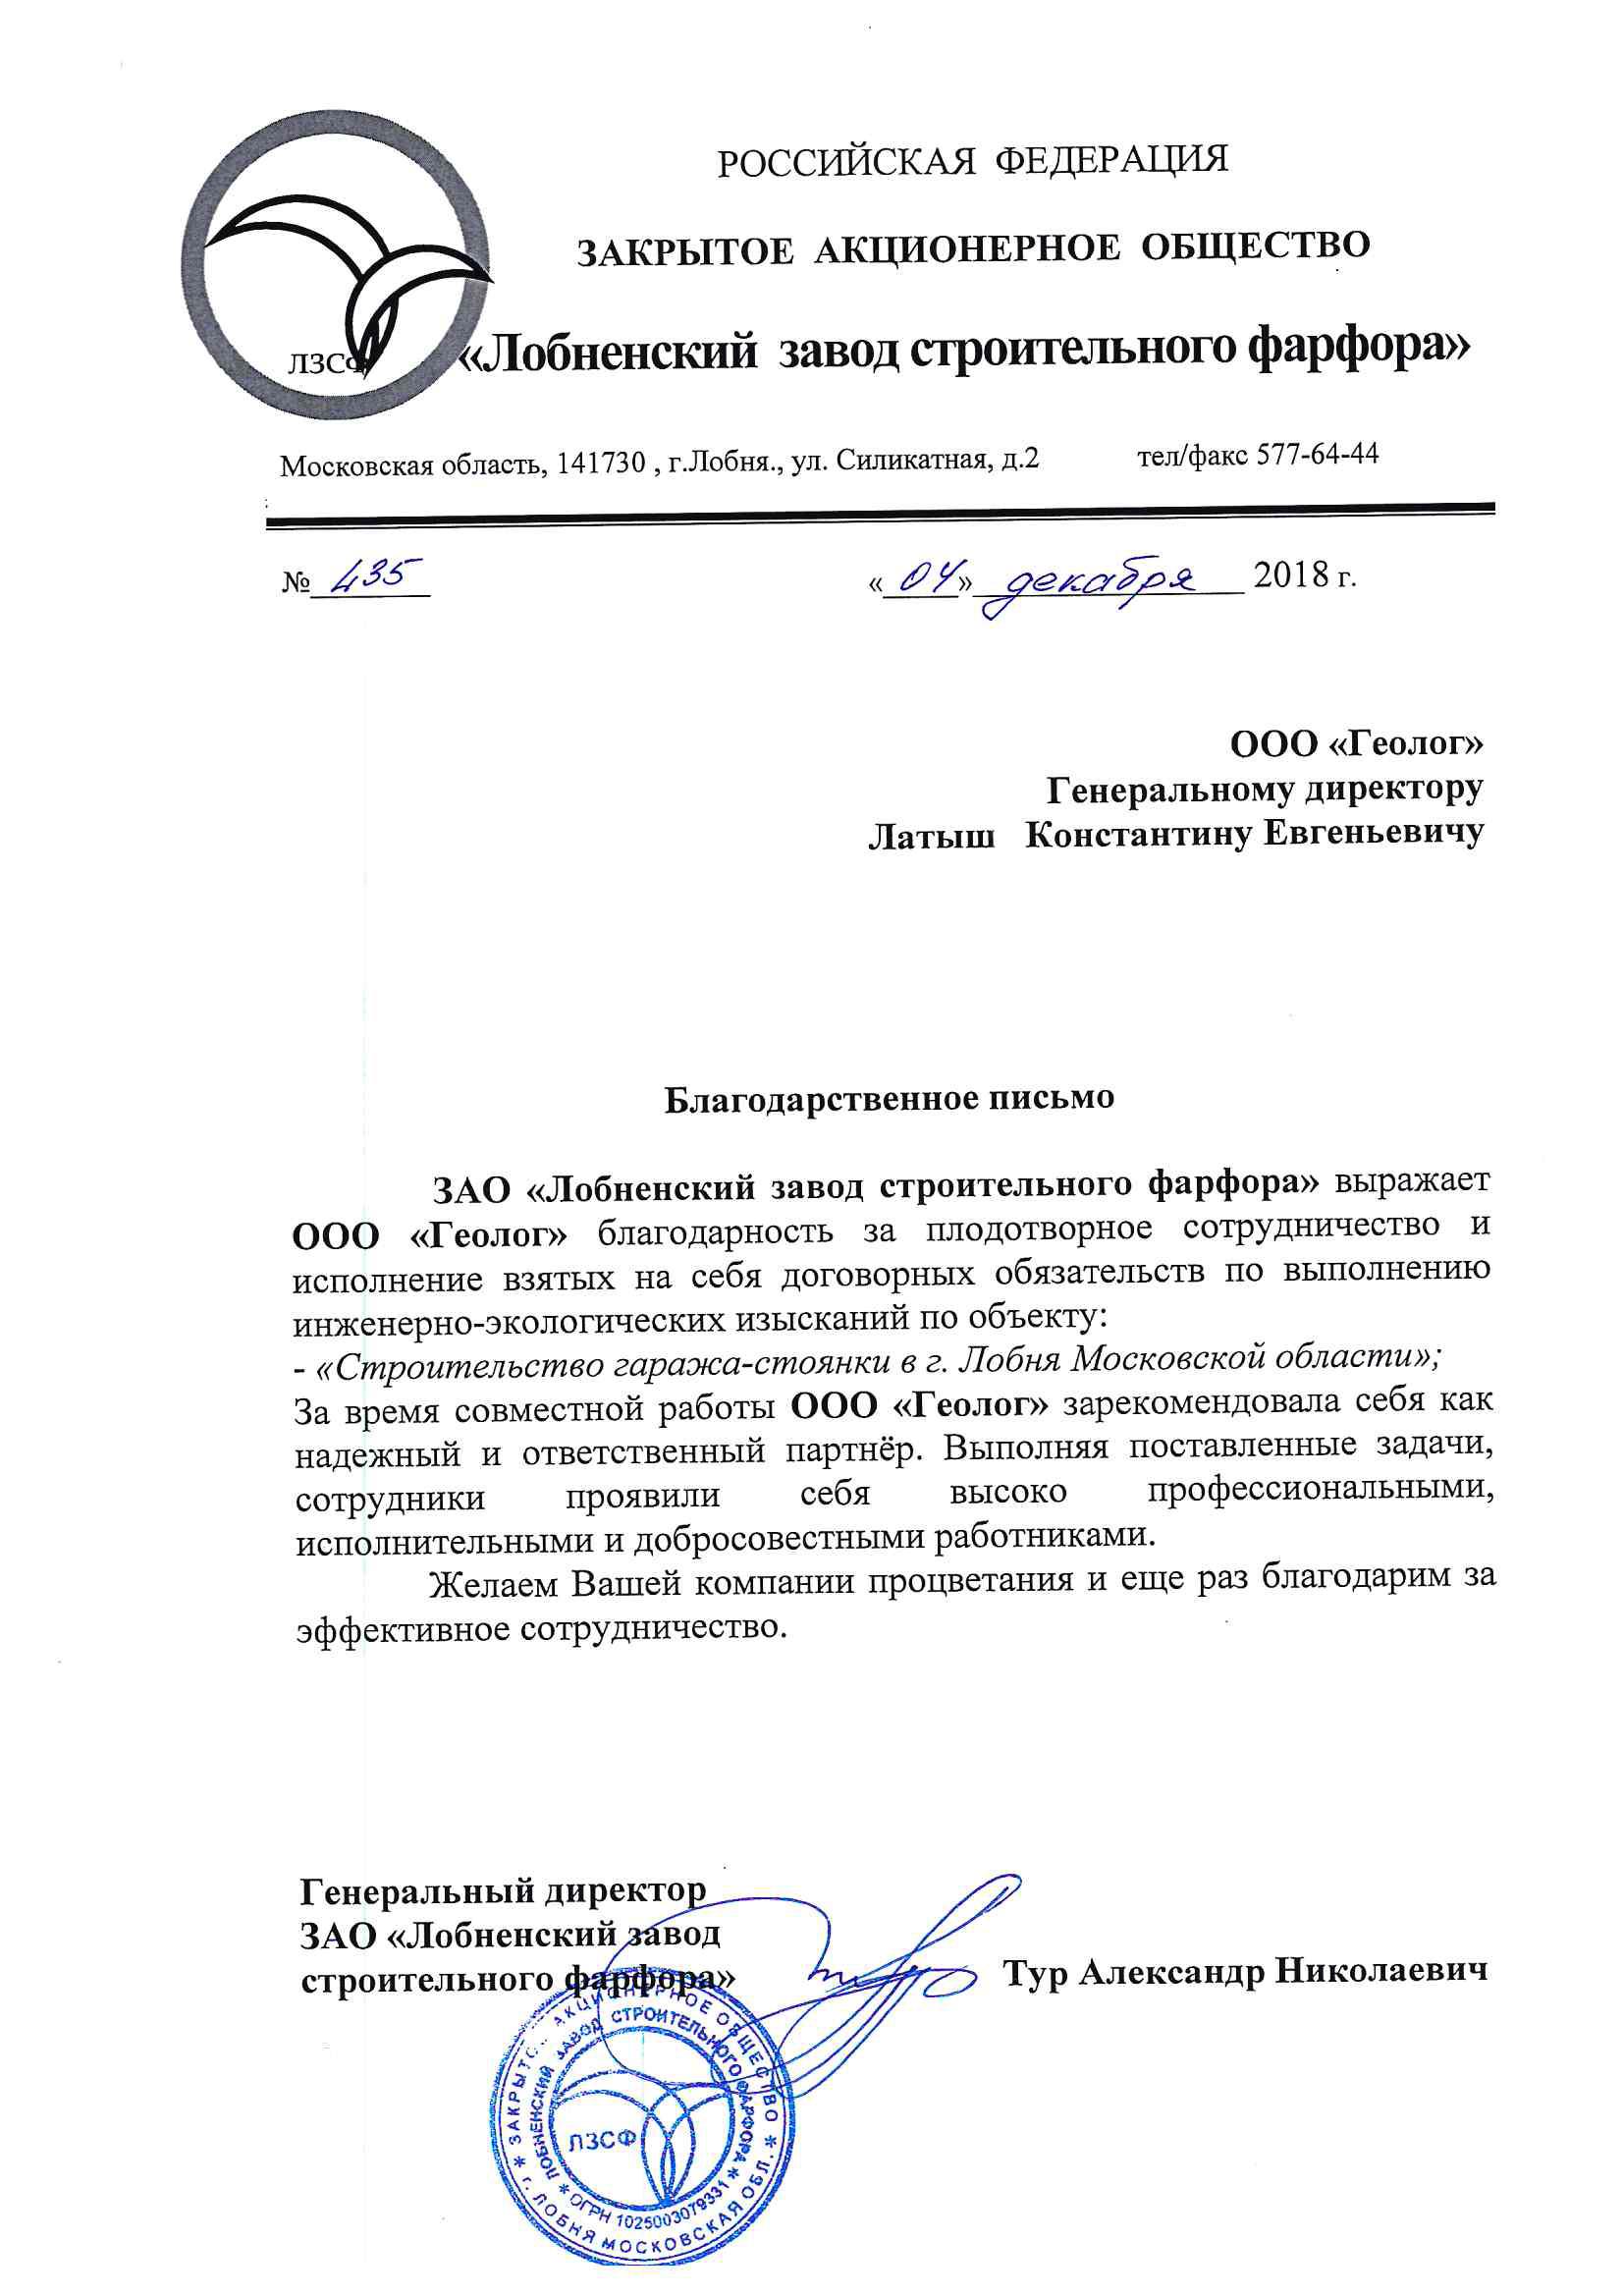 ЗАО-Лобненский-завод-строительного-фарфора